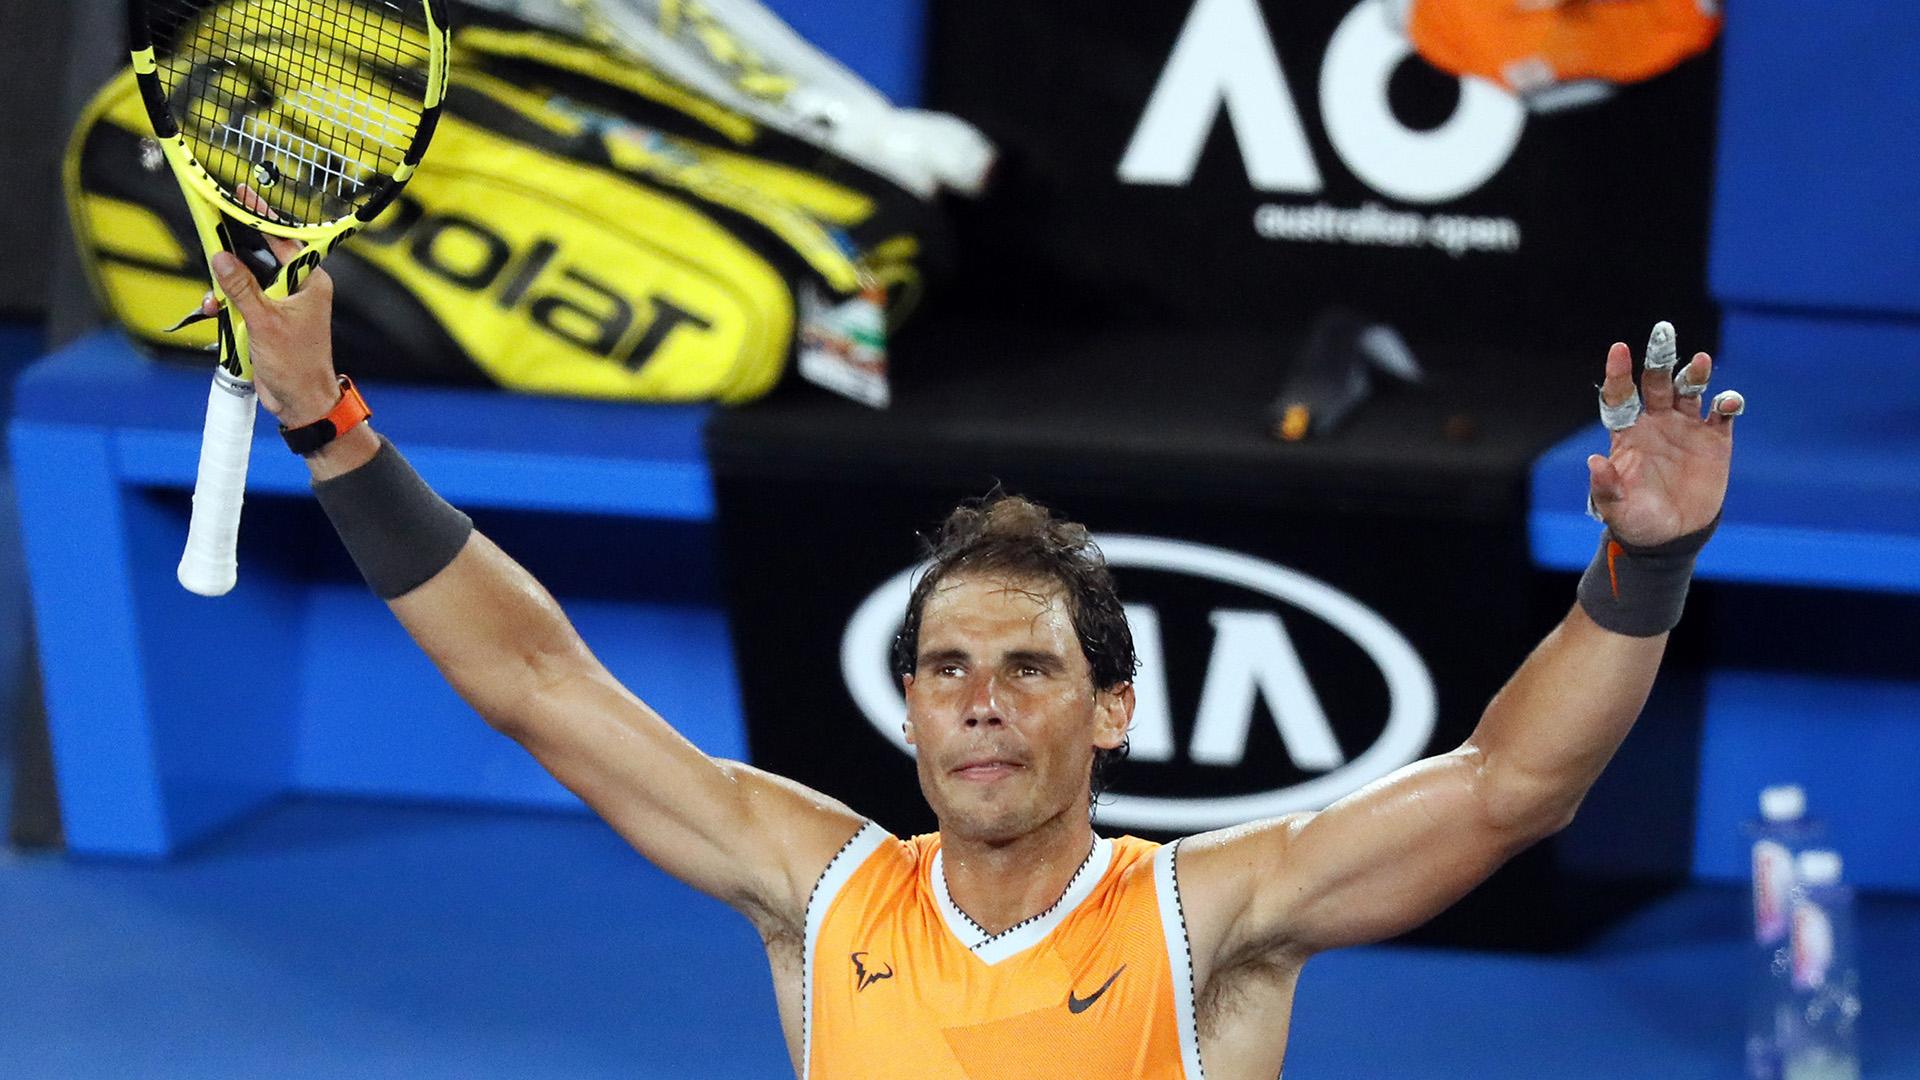 En la siguiente etapa, en busca del billete para octavos de final, Nadal se enfrentará a otro tenista australiano, Alex de Miñaur (29º), reciente campeón en el torneo de Sídney